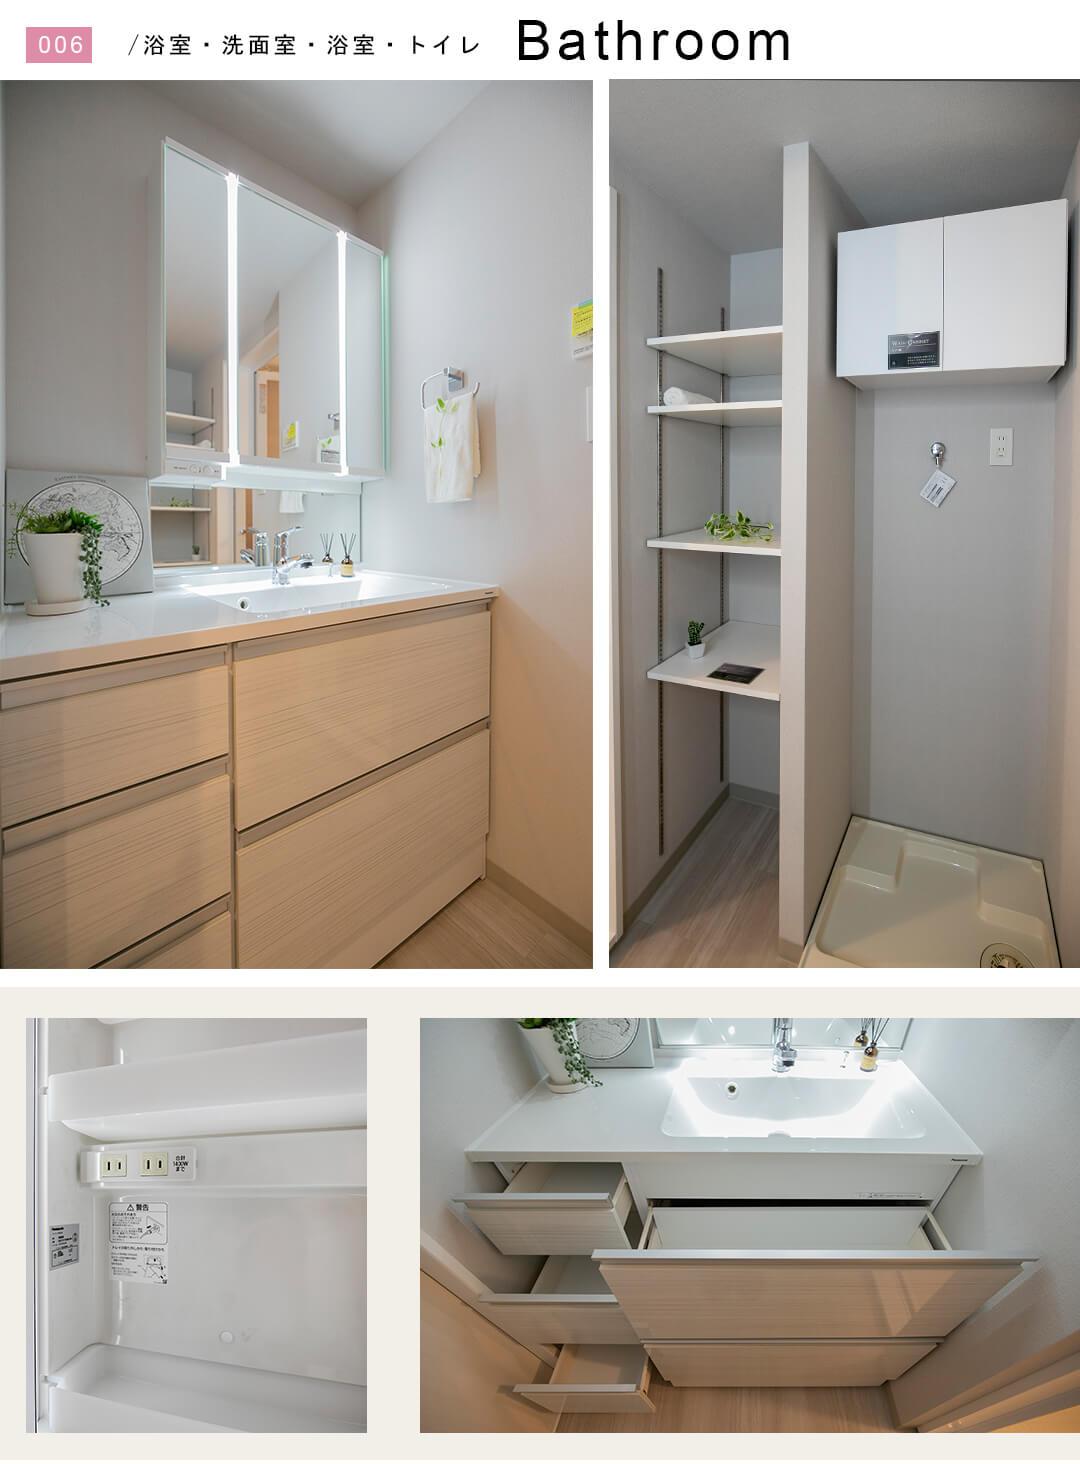 シーアイマンション駒場A号棟の洗面室